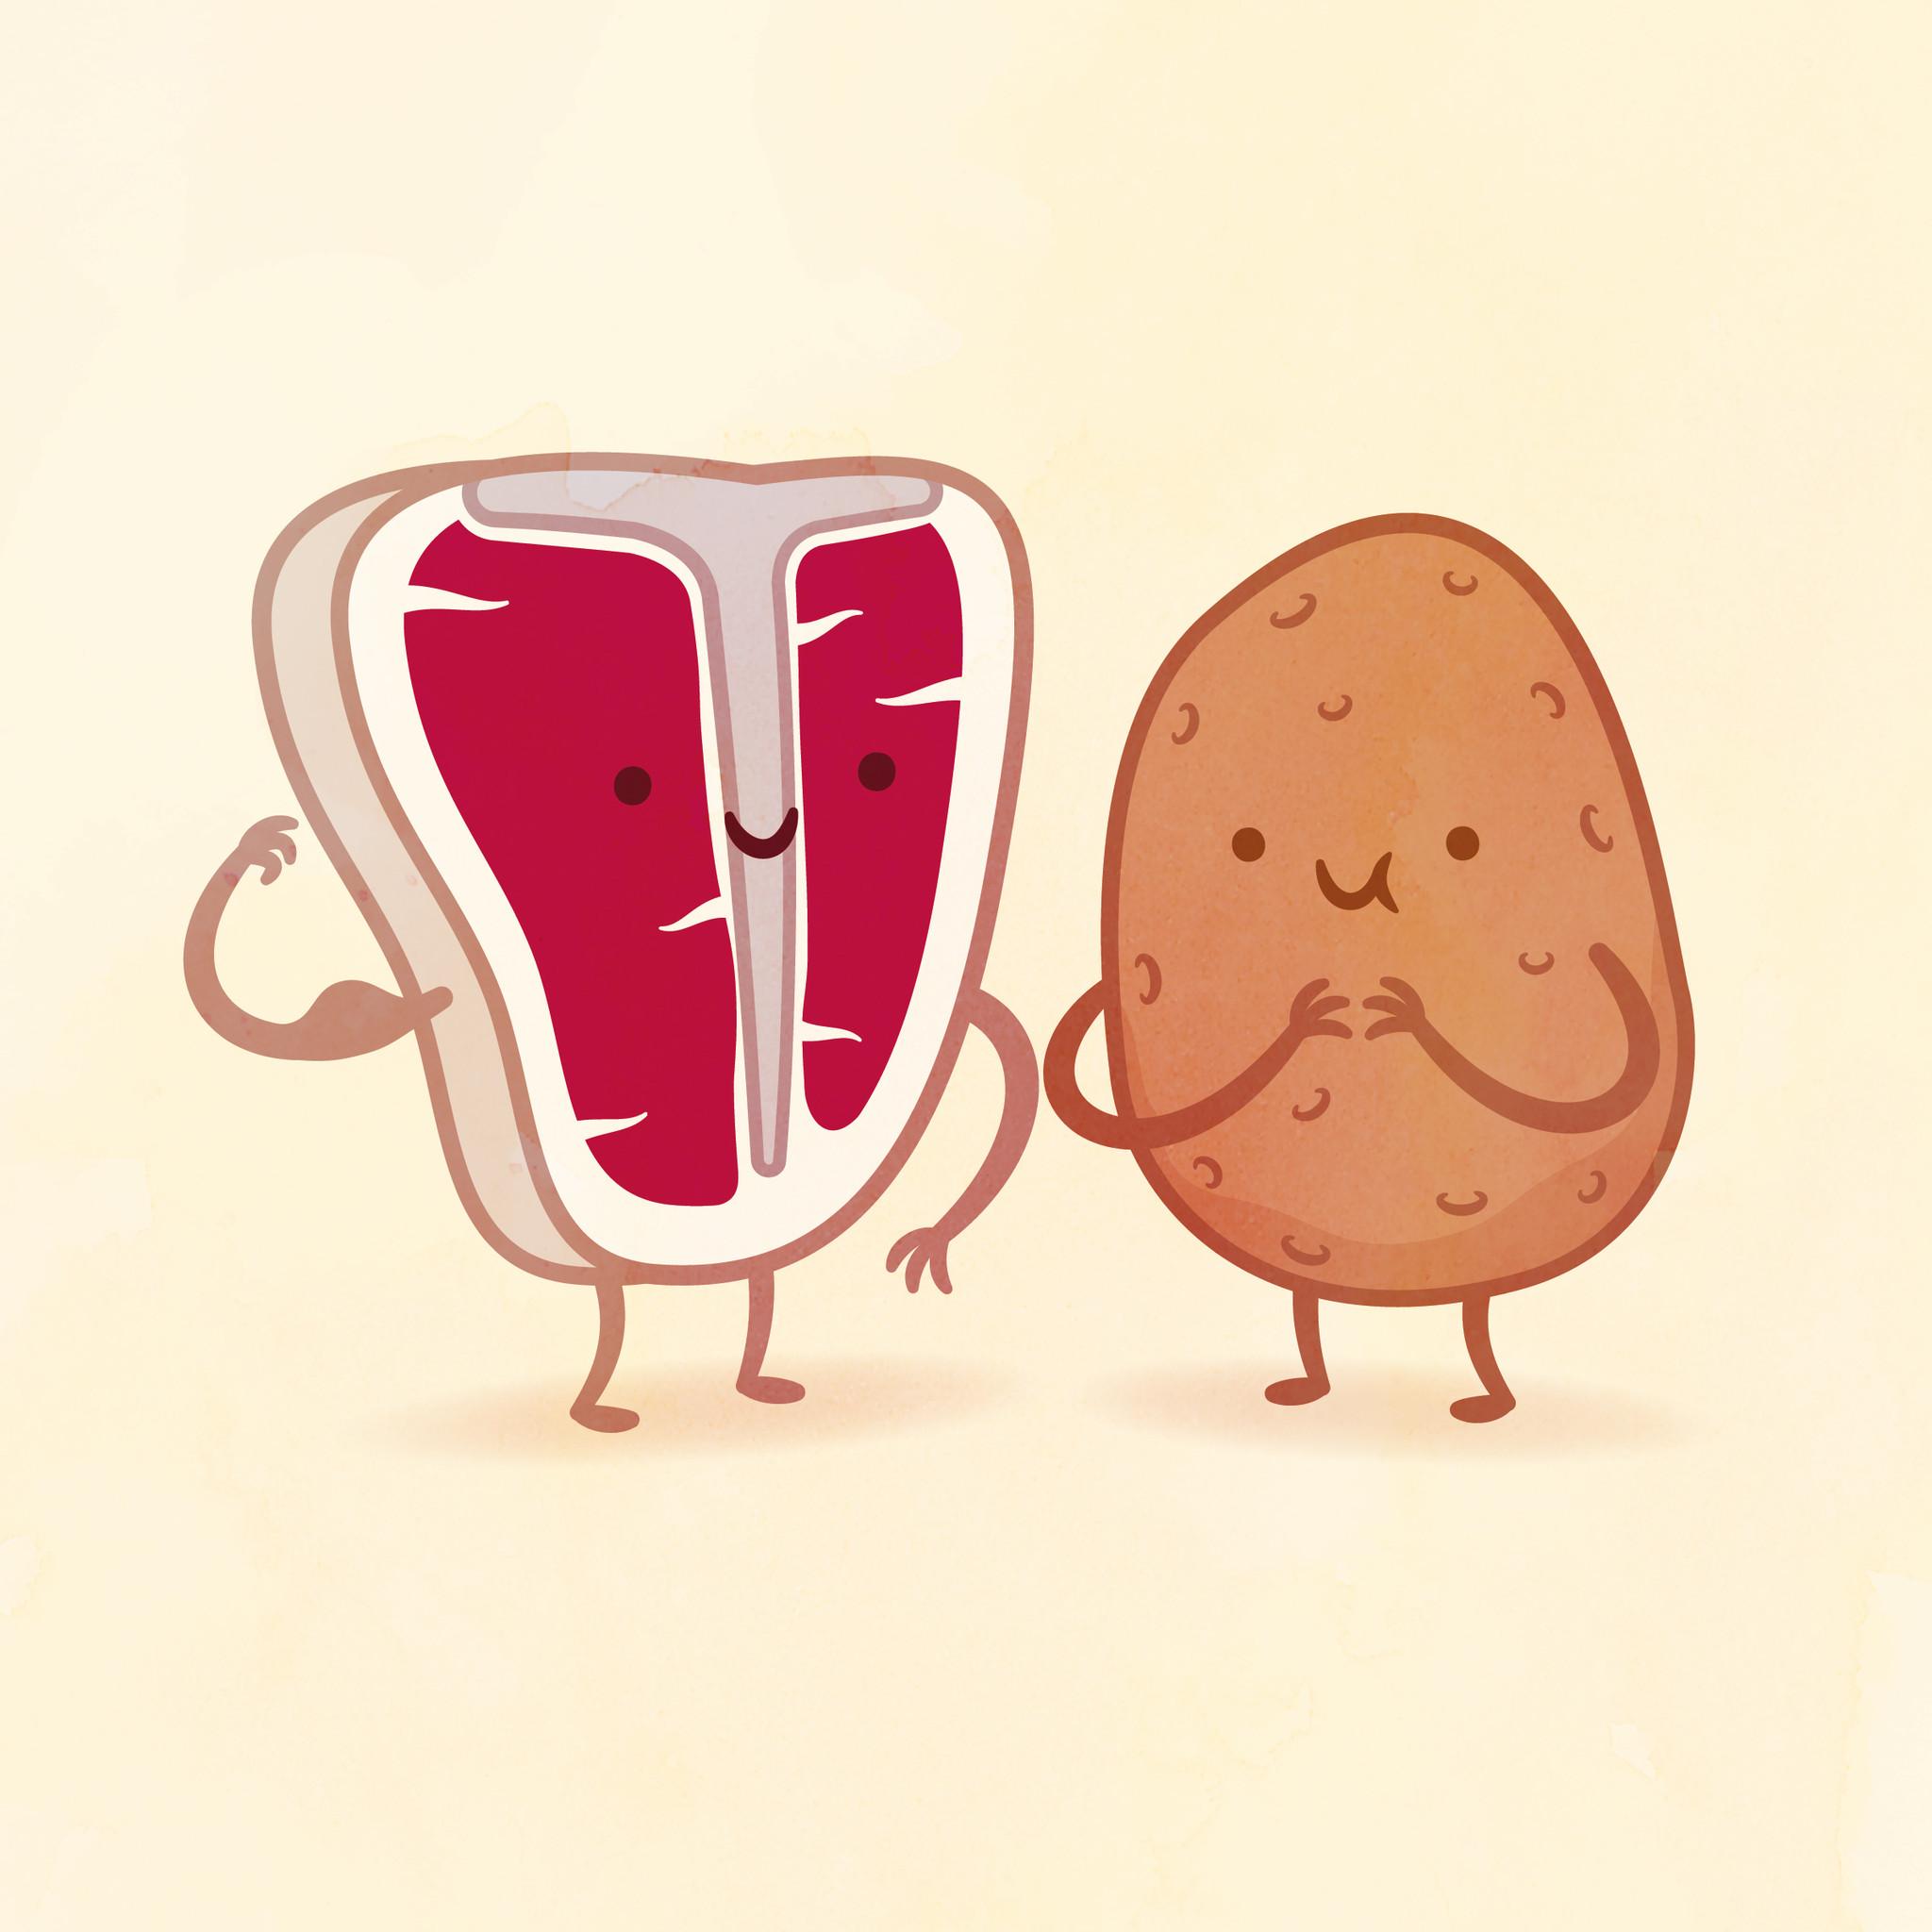 2048x2048 And Potato By Philip Tseng